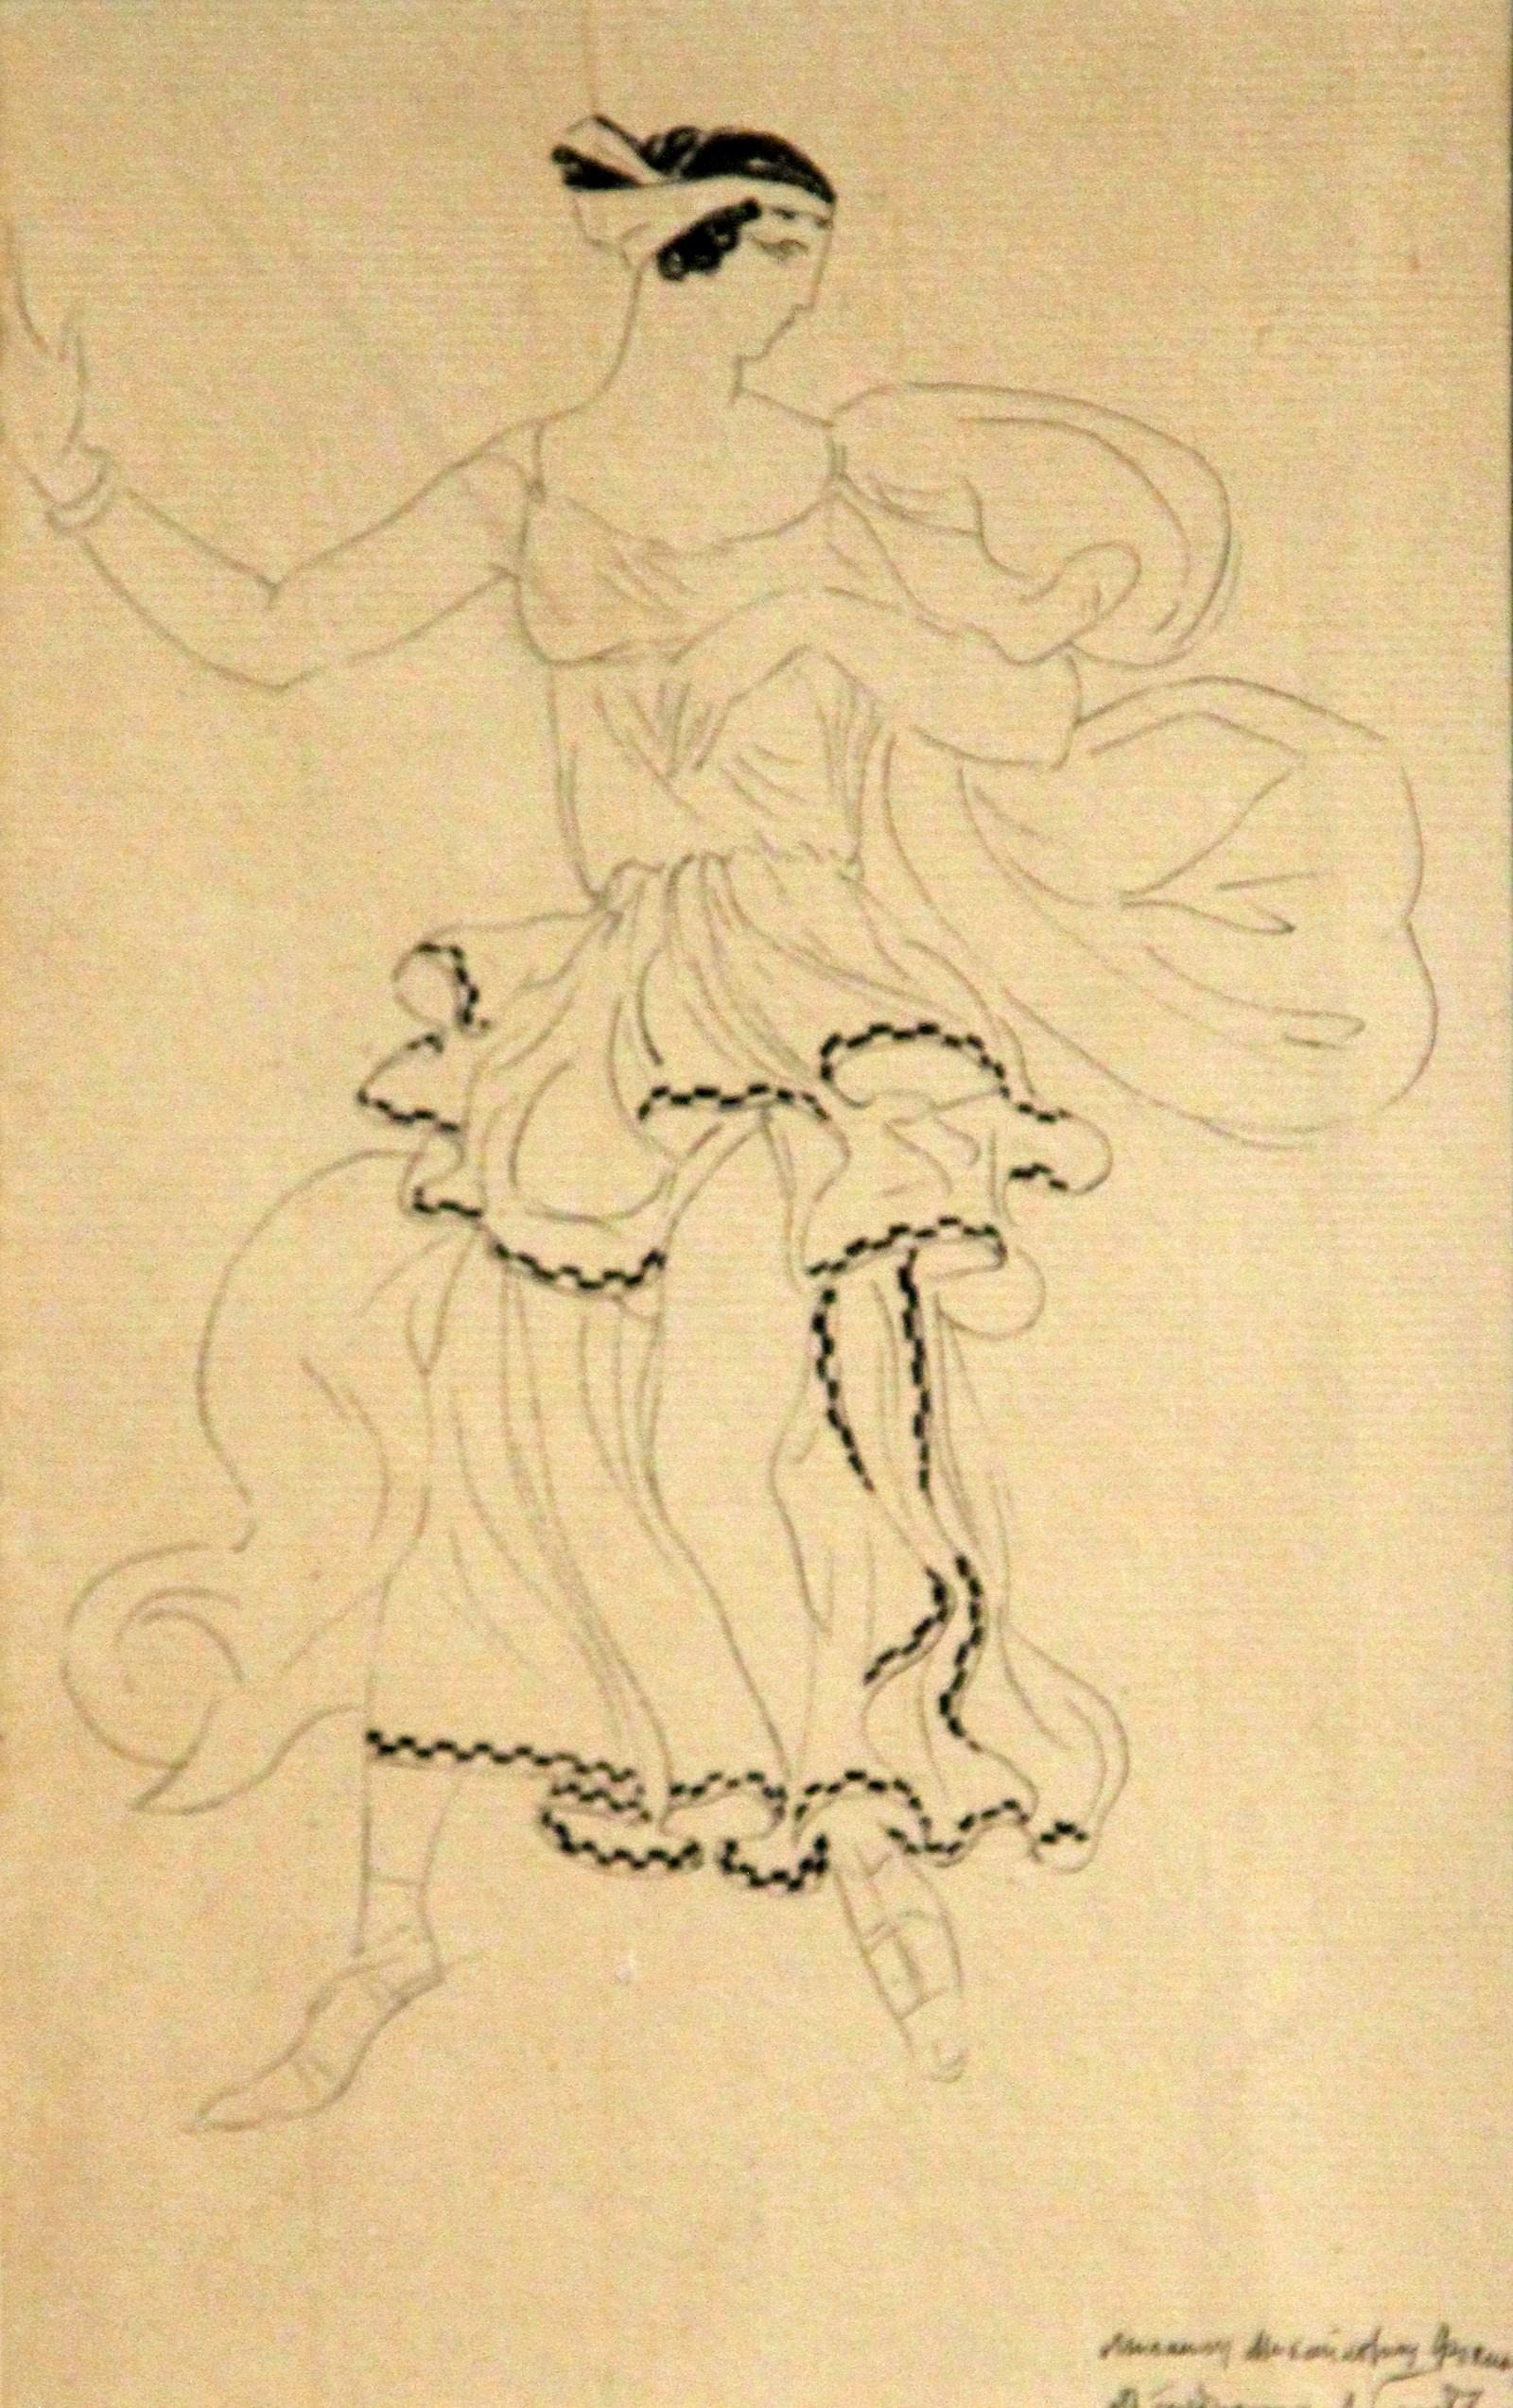 ����� ���. 1866-1924 �������� ���������� (� ���������� �.�. ������). 1907-1908 (?). ������ �� �������, ����, ����. �����-������������� ��������������� ����� ������������ � ������������ ��������� �������� �������: aldusku.livejournal.com